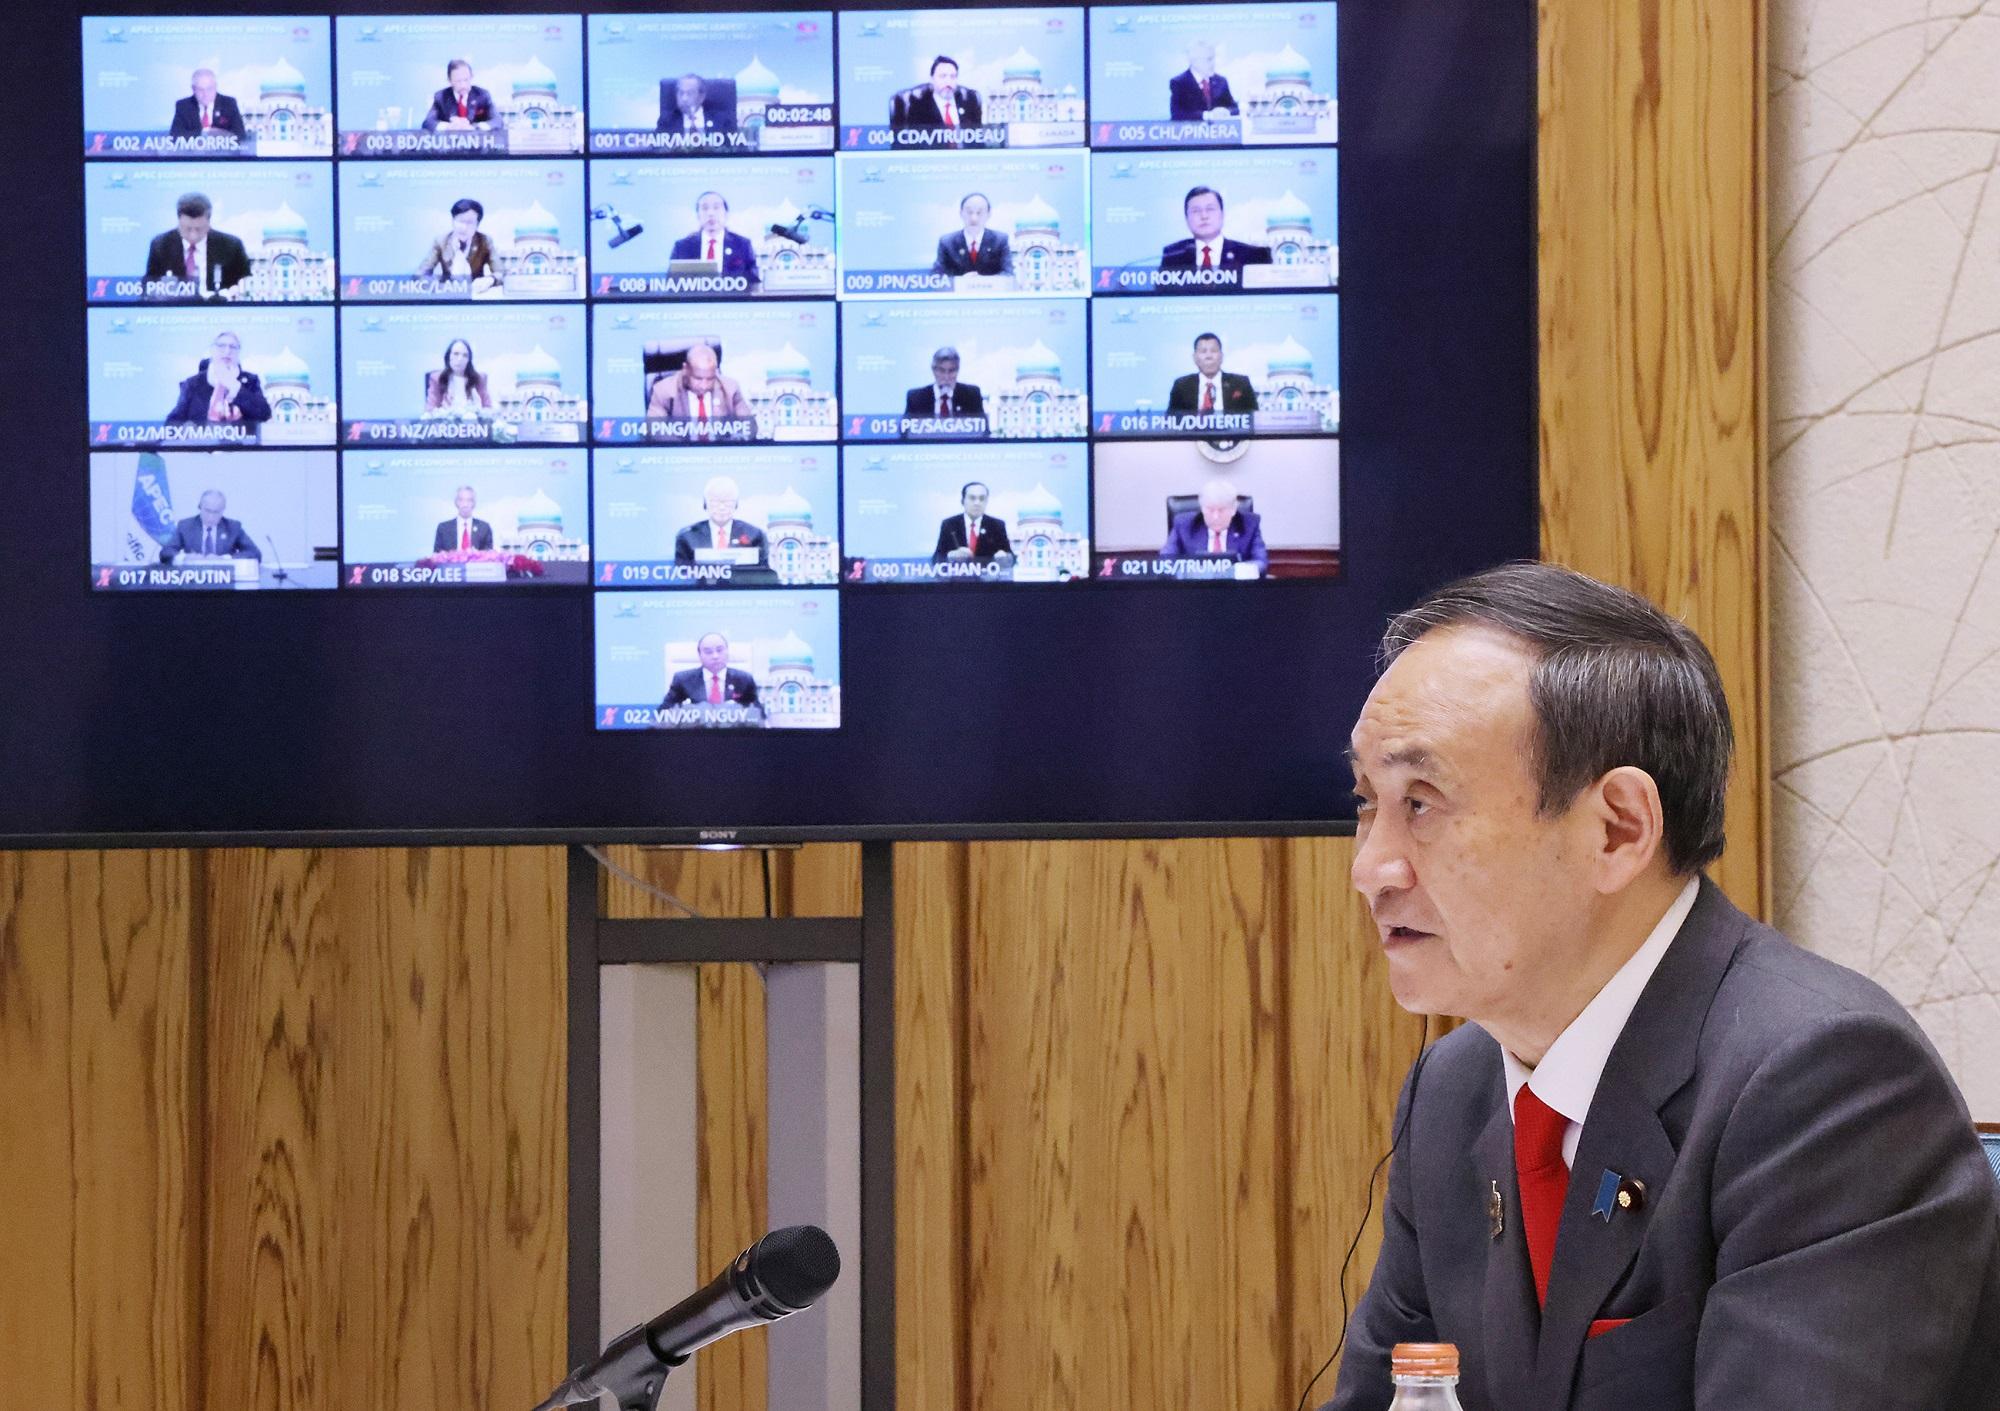 令和2年11月20日 APEC首脳会議 | 令和2年 | 総理の一日 | ニュース ...